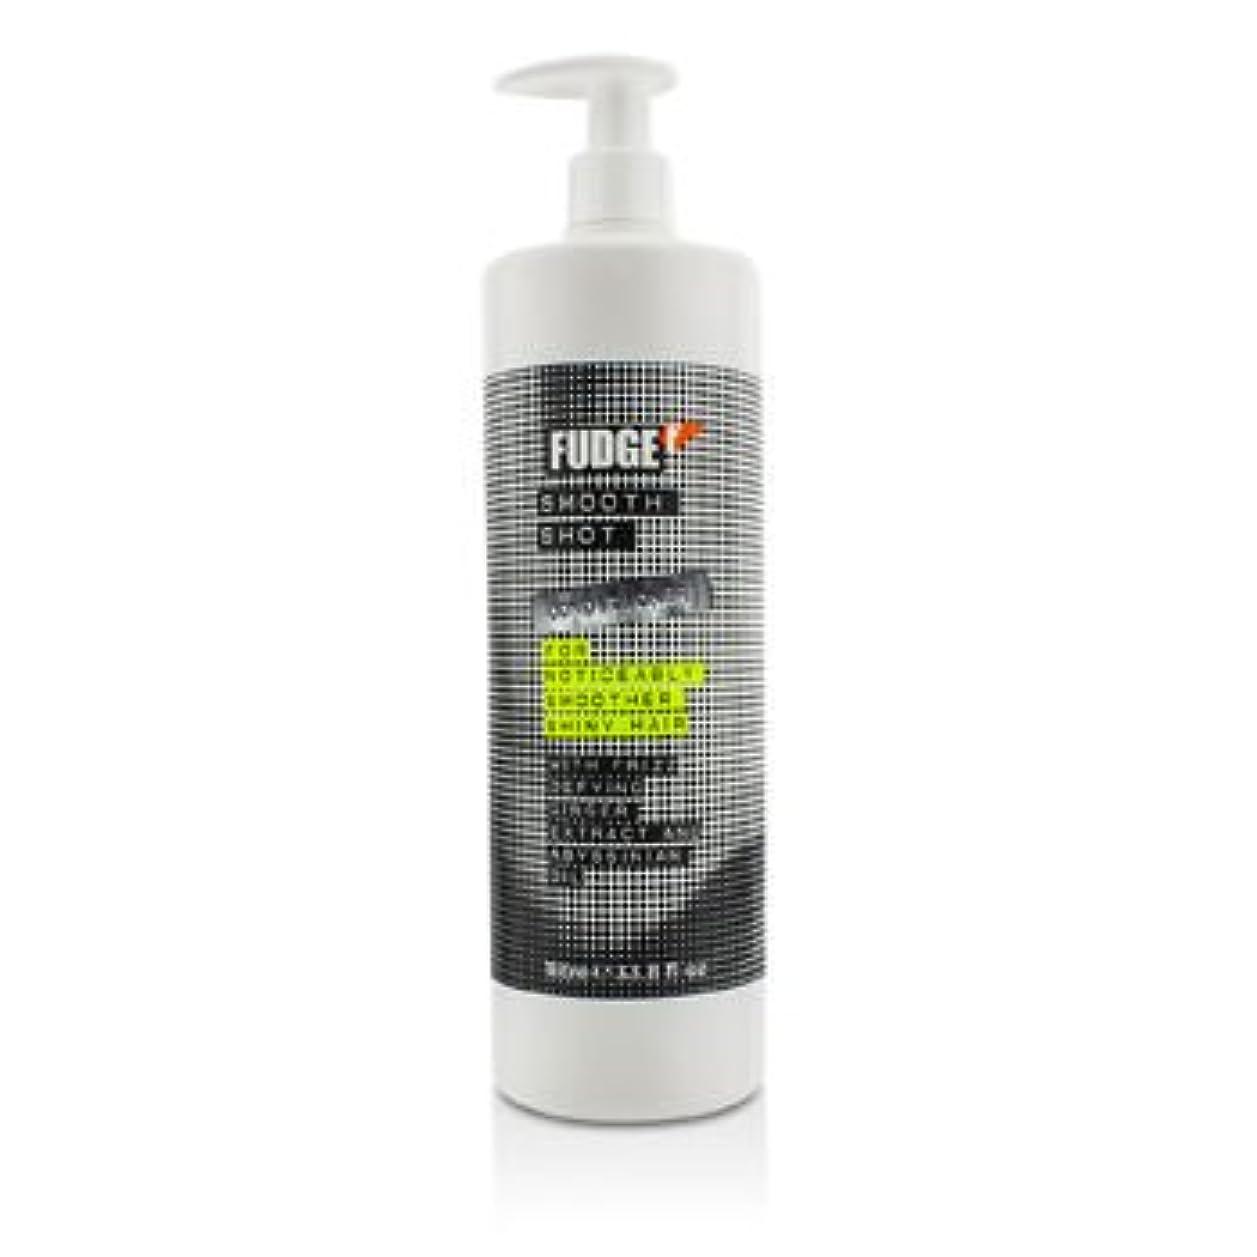 余分なカスタム海港[Fudge] Smooth Shot Conditioner (For Noticeably Smoother Shiny Hair) 1000ml/33.8oz